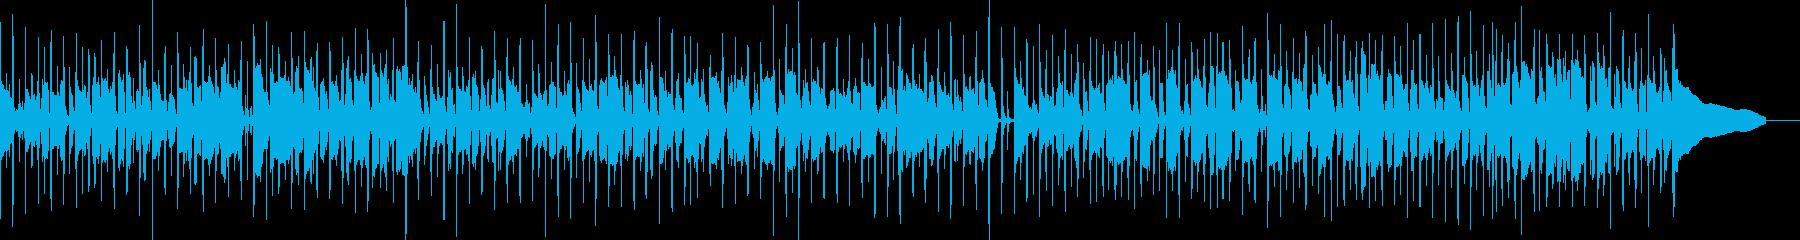 ファンキーなビートで刻む軽やかなベースの再生済みの波形